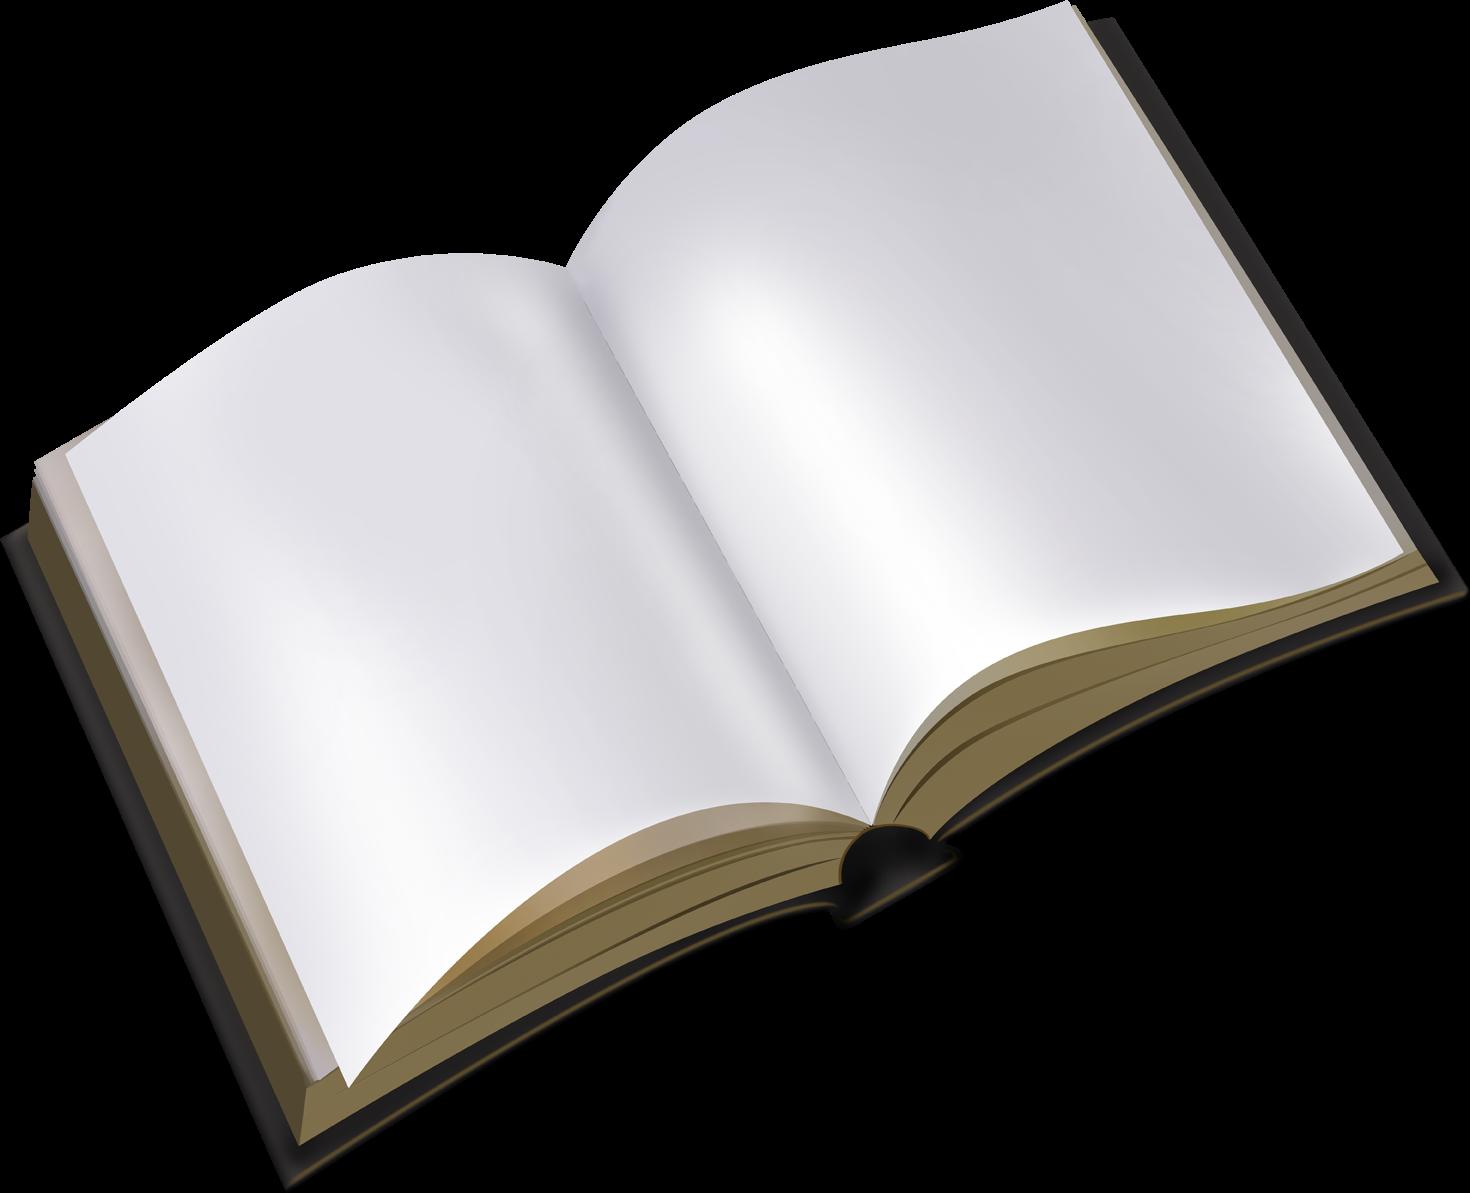 Render de un libro abierto